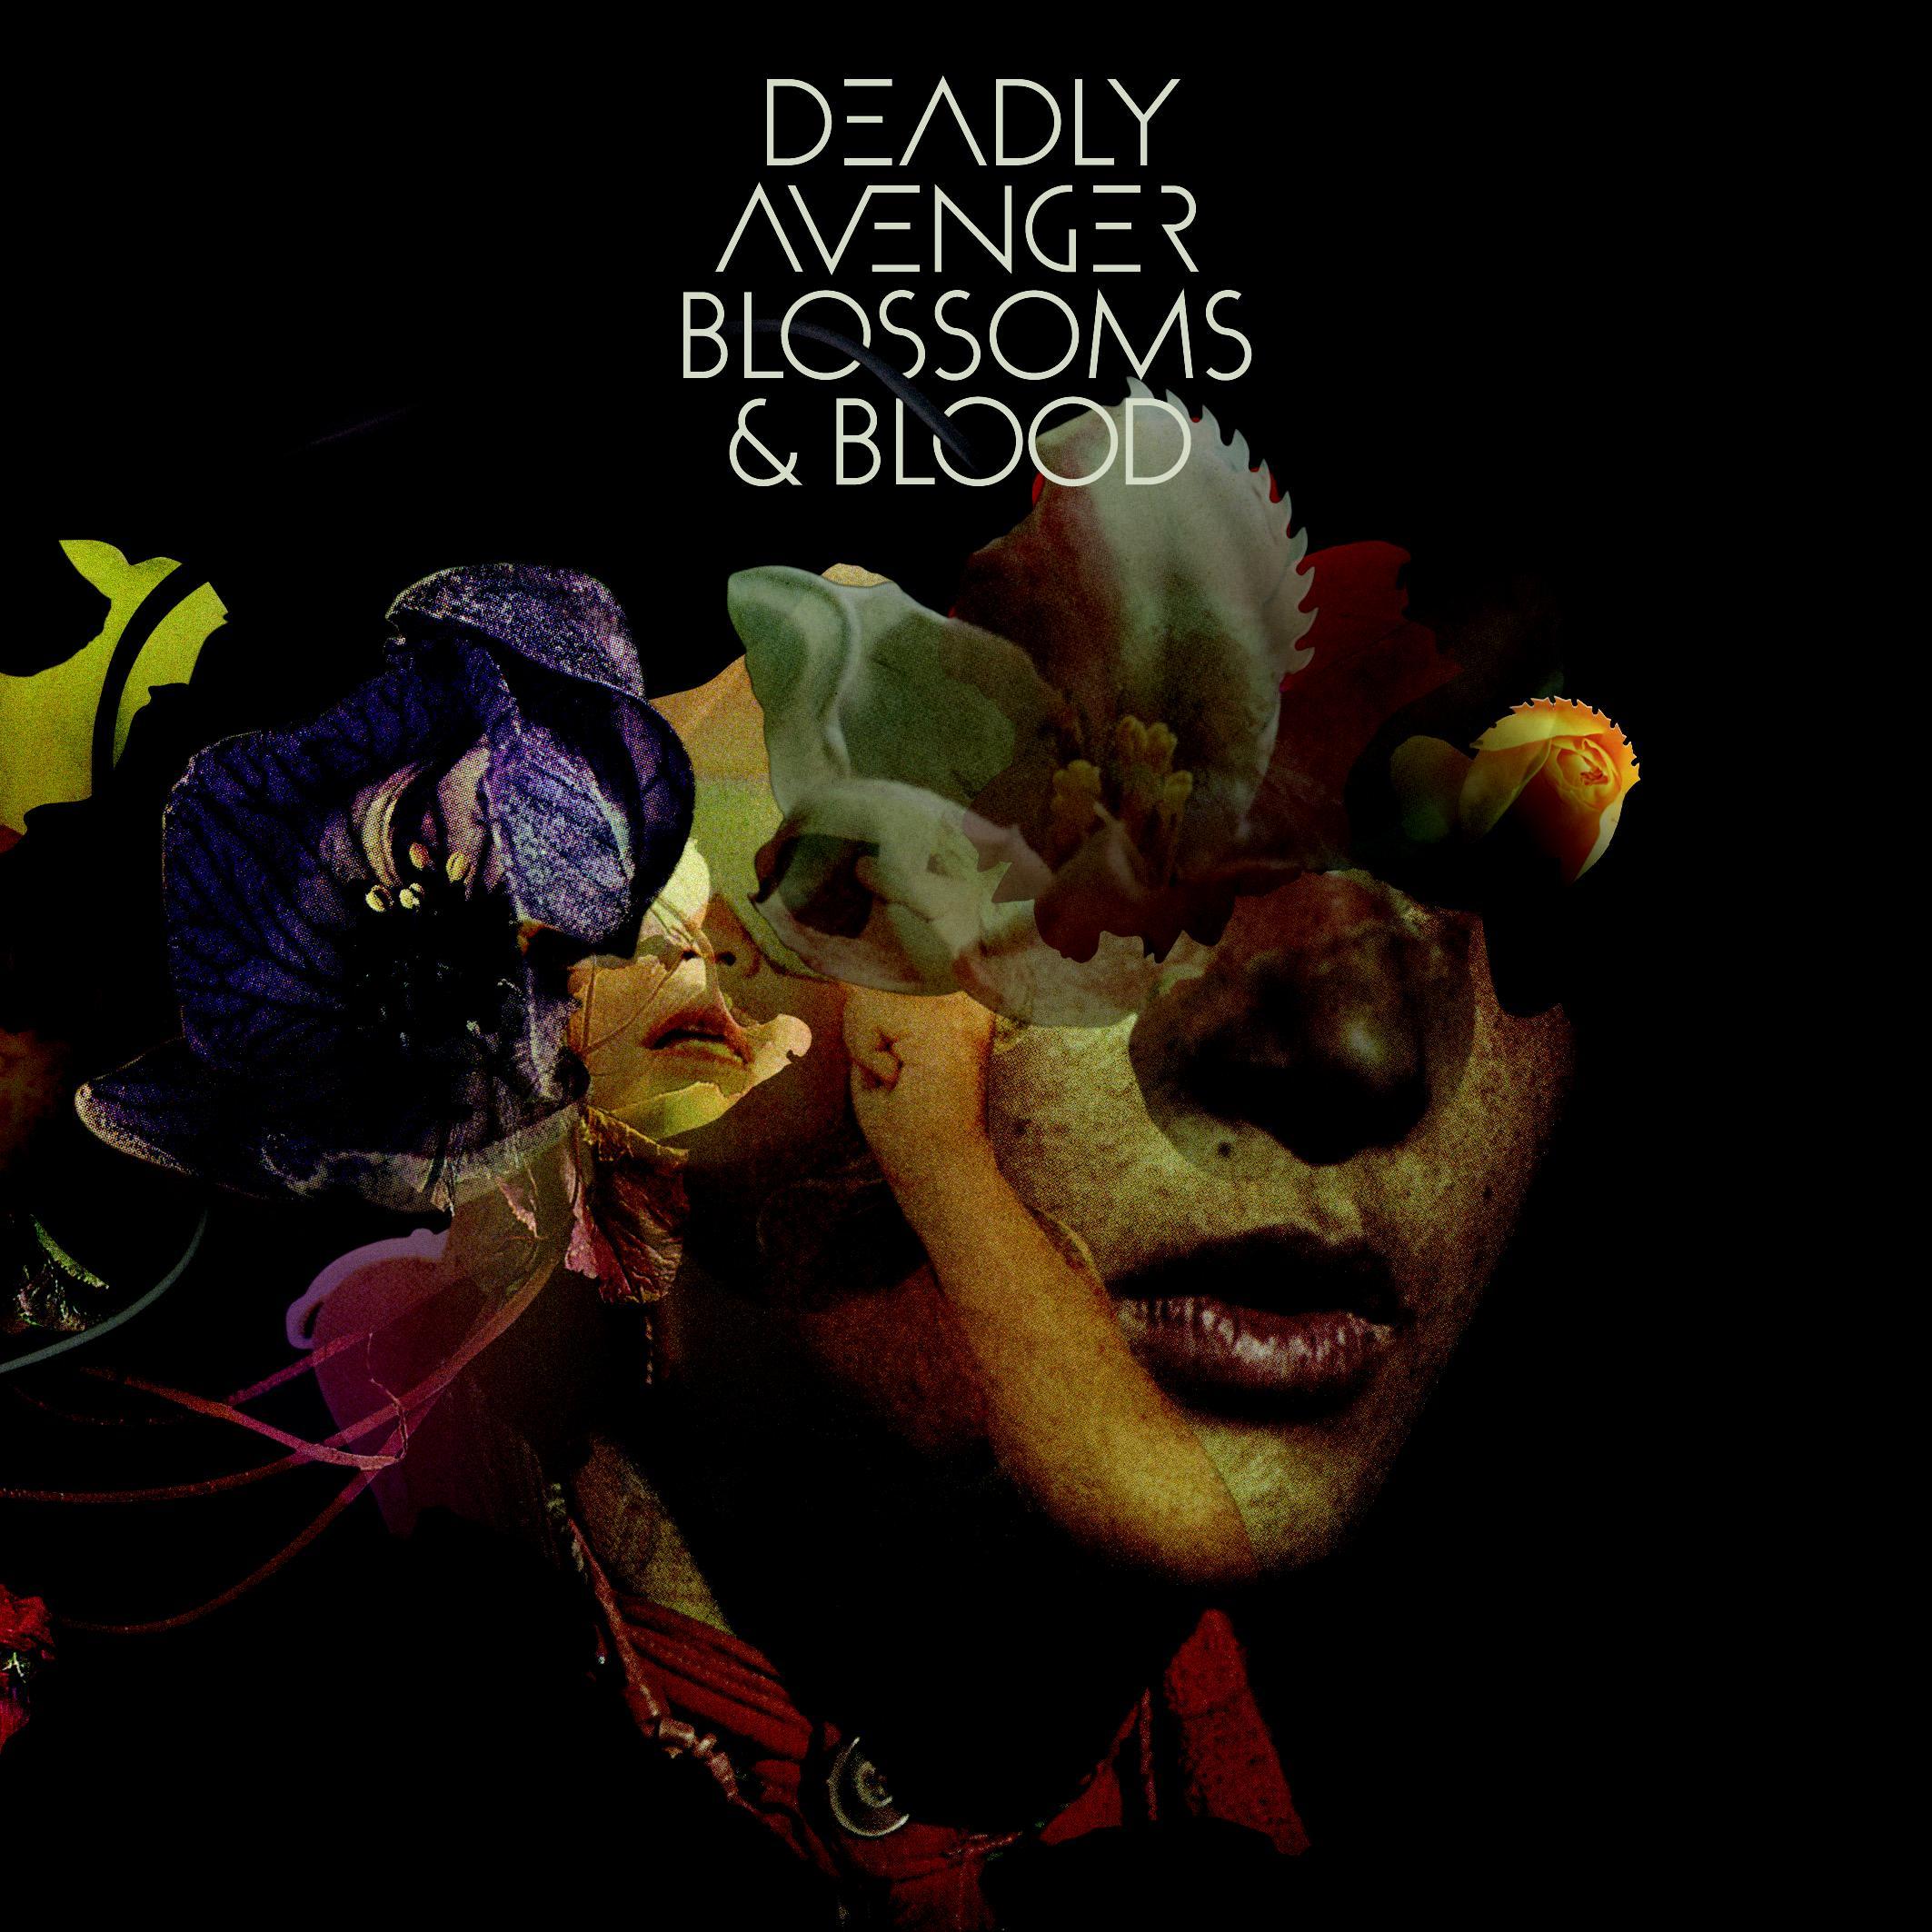 deadly avenger blossoms